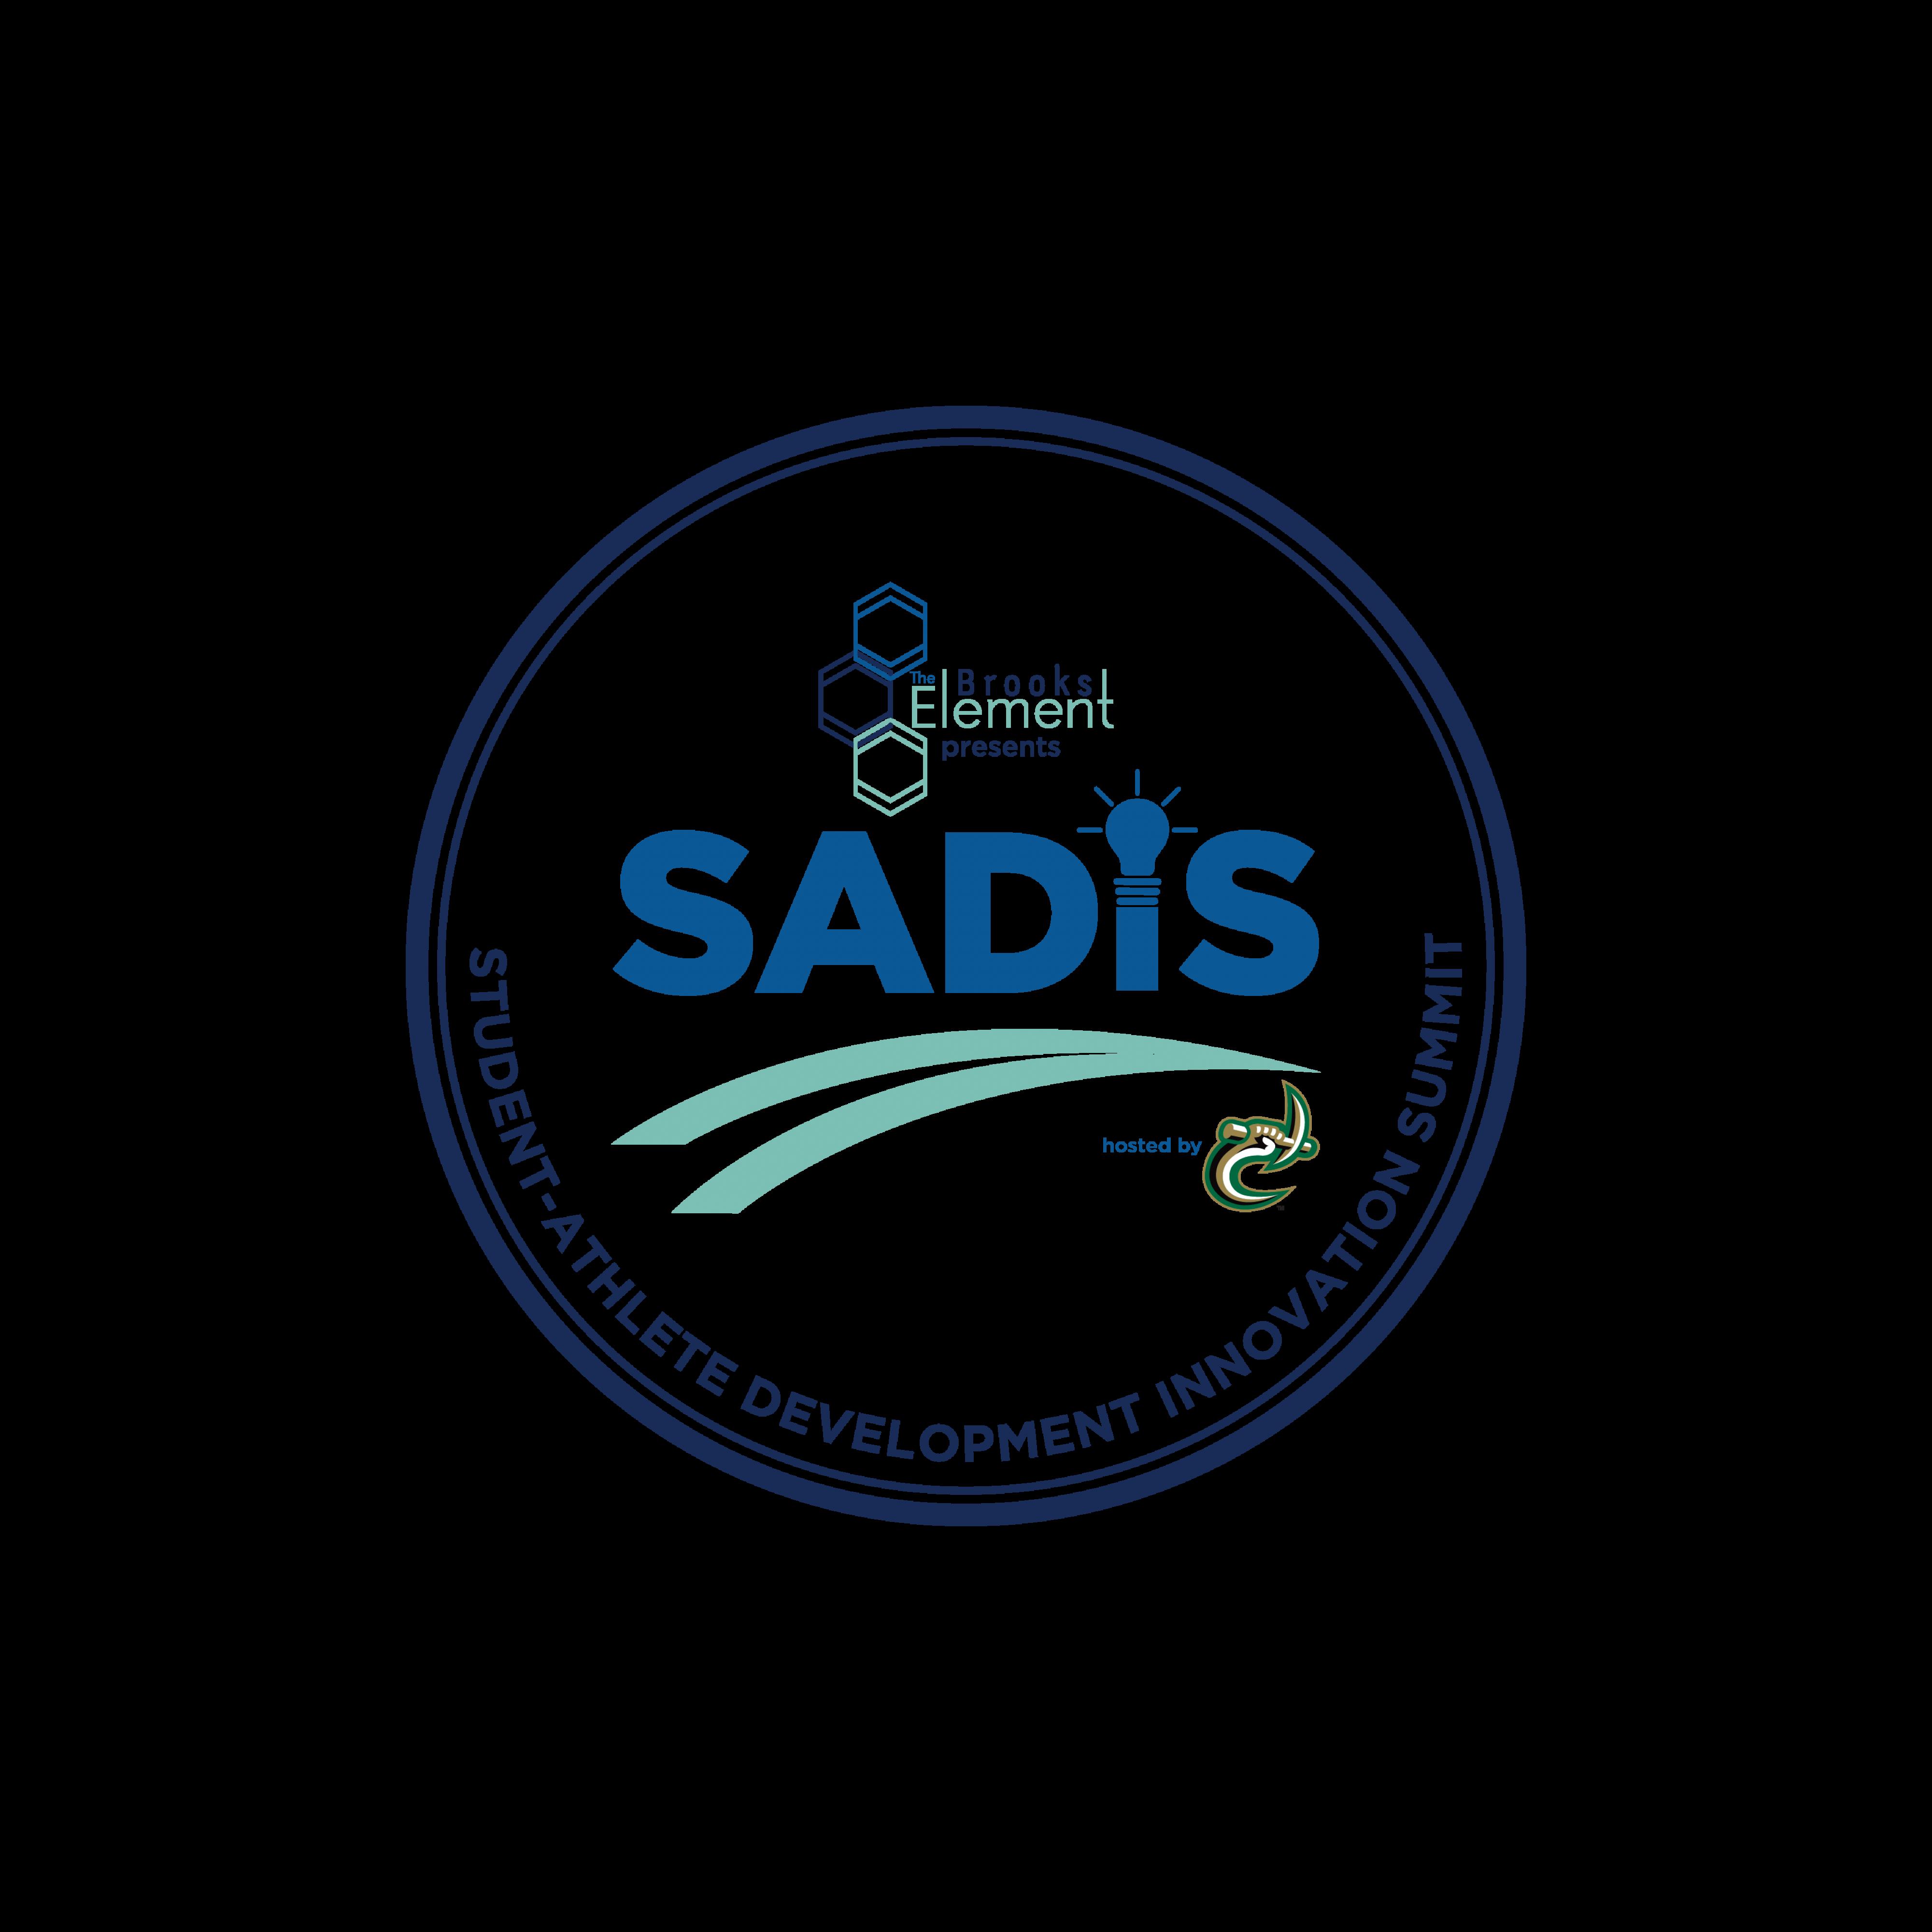 SADIS_LOGO-02